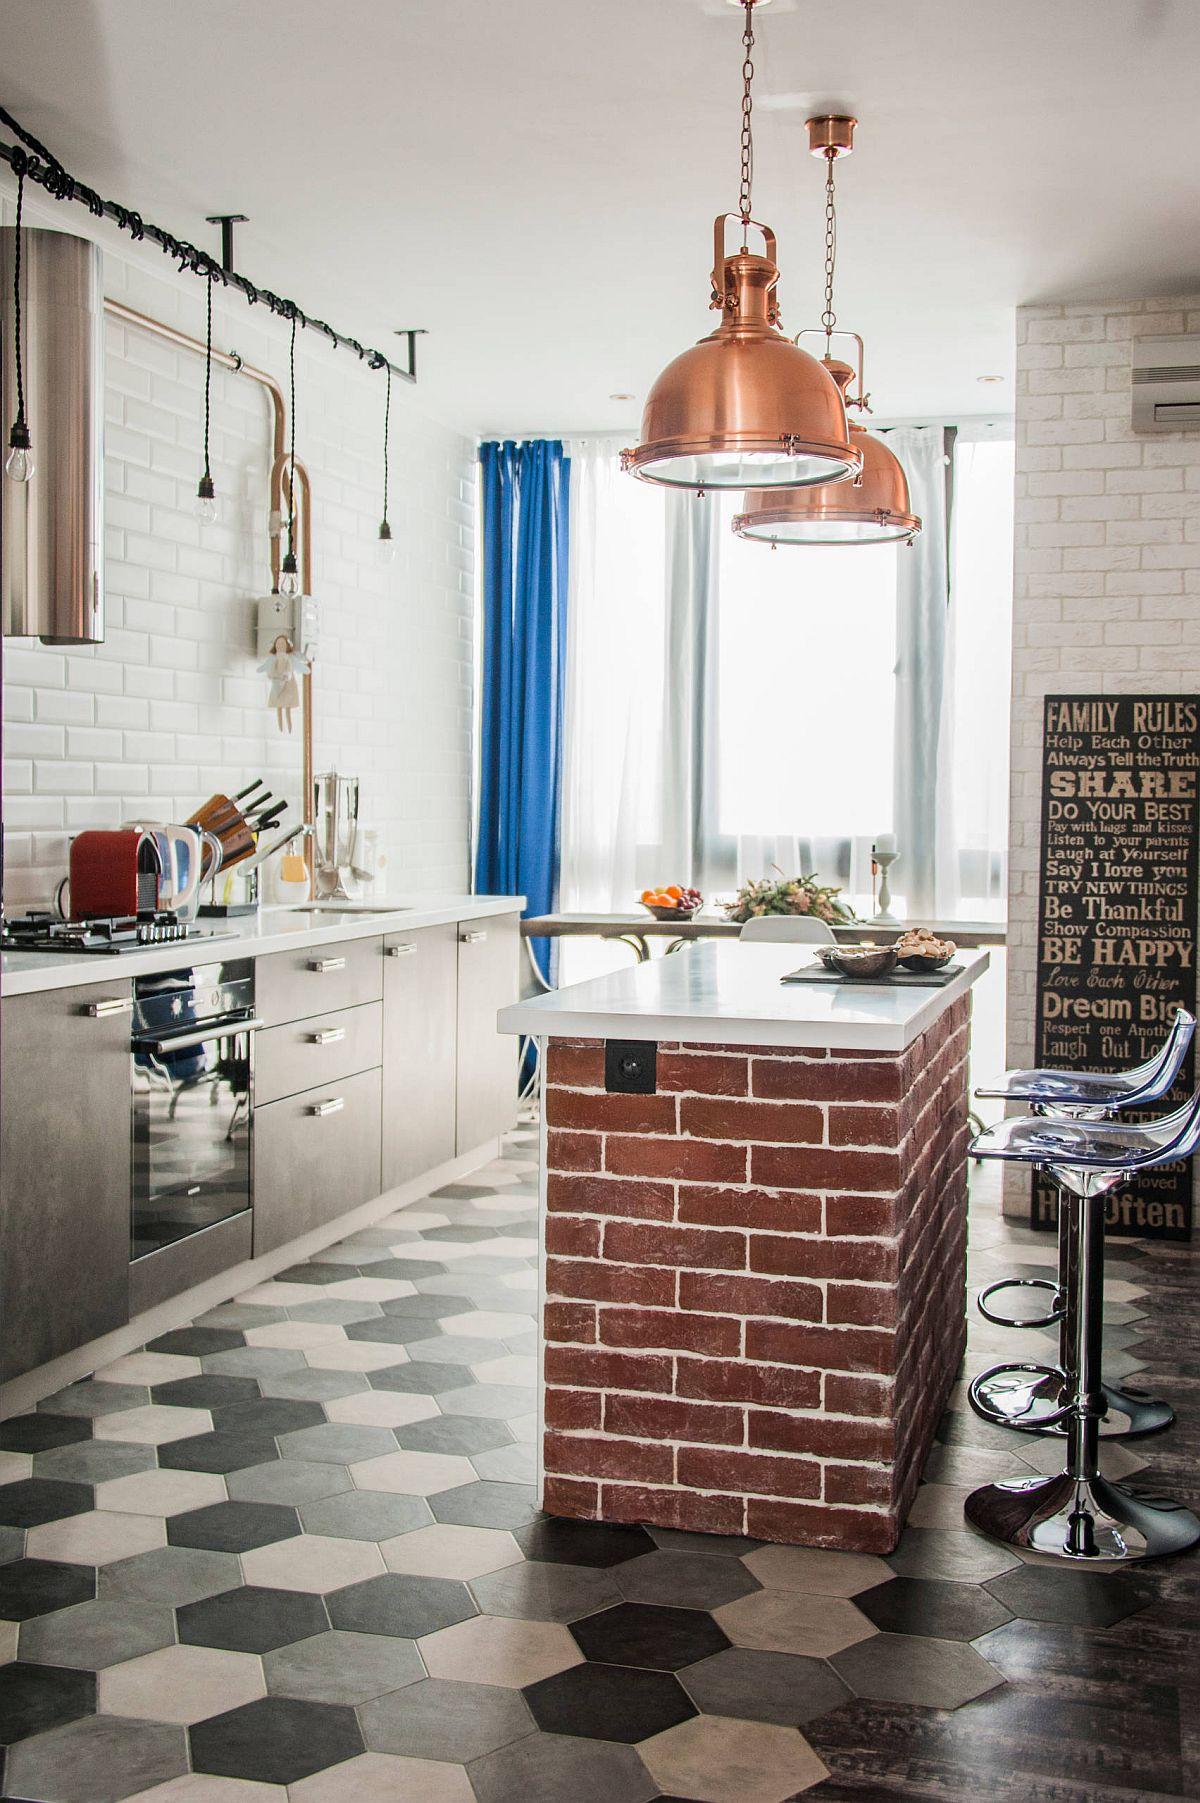 Gợi ý thiết kế căn bếp nhỏ xịn sò với những bức tường gạch trần duyên dáng - Ảnh 5.